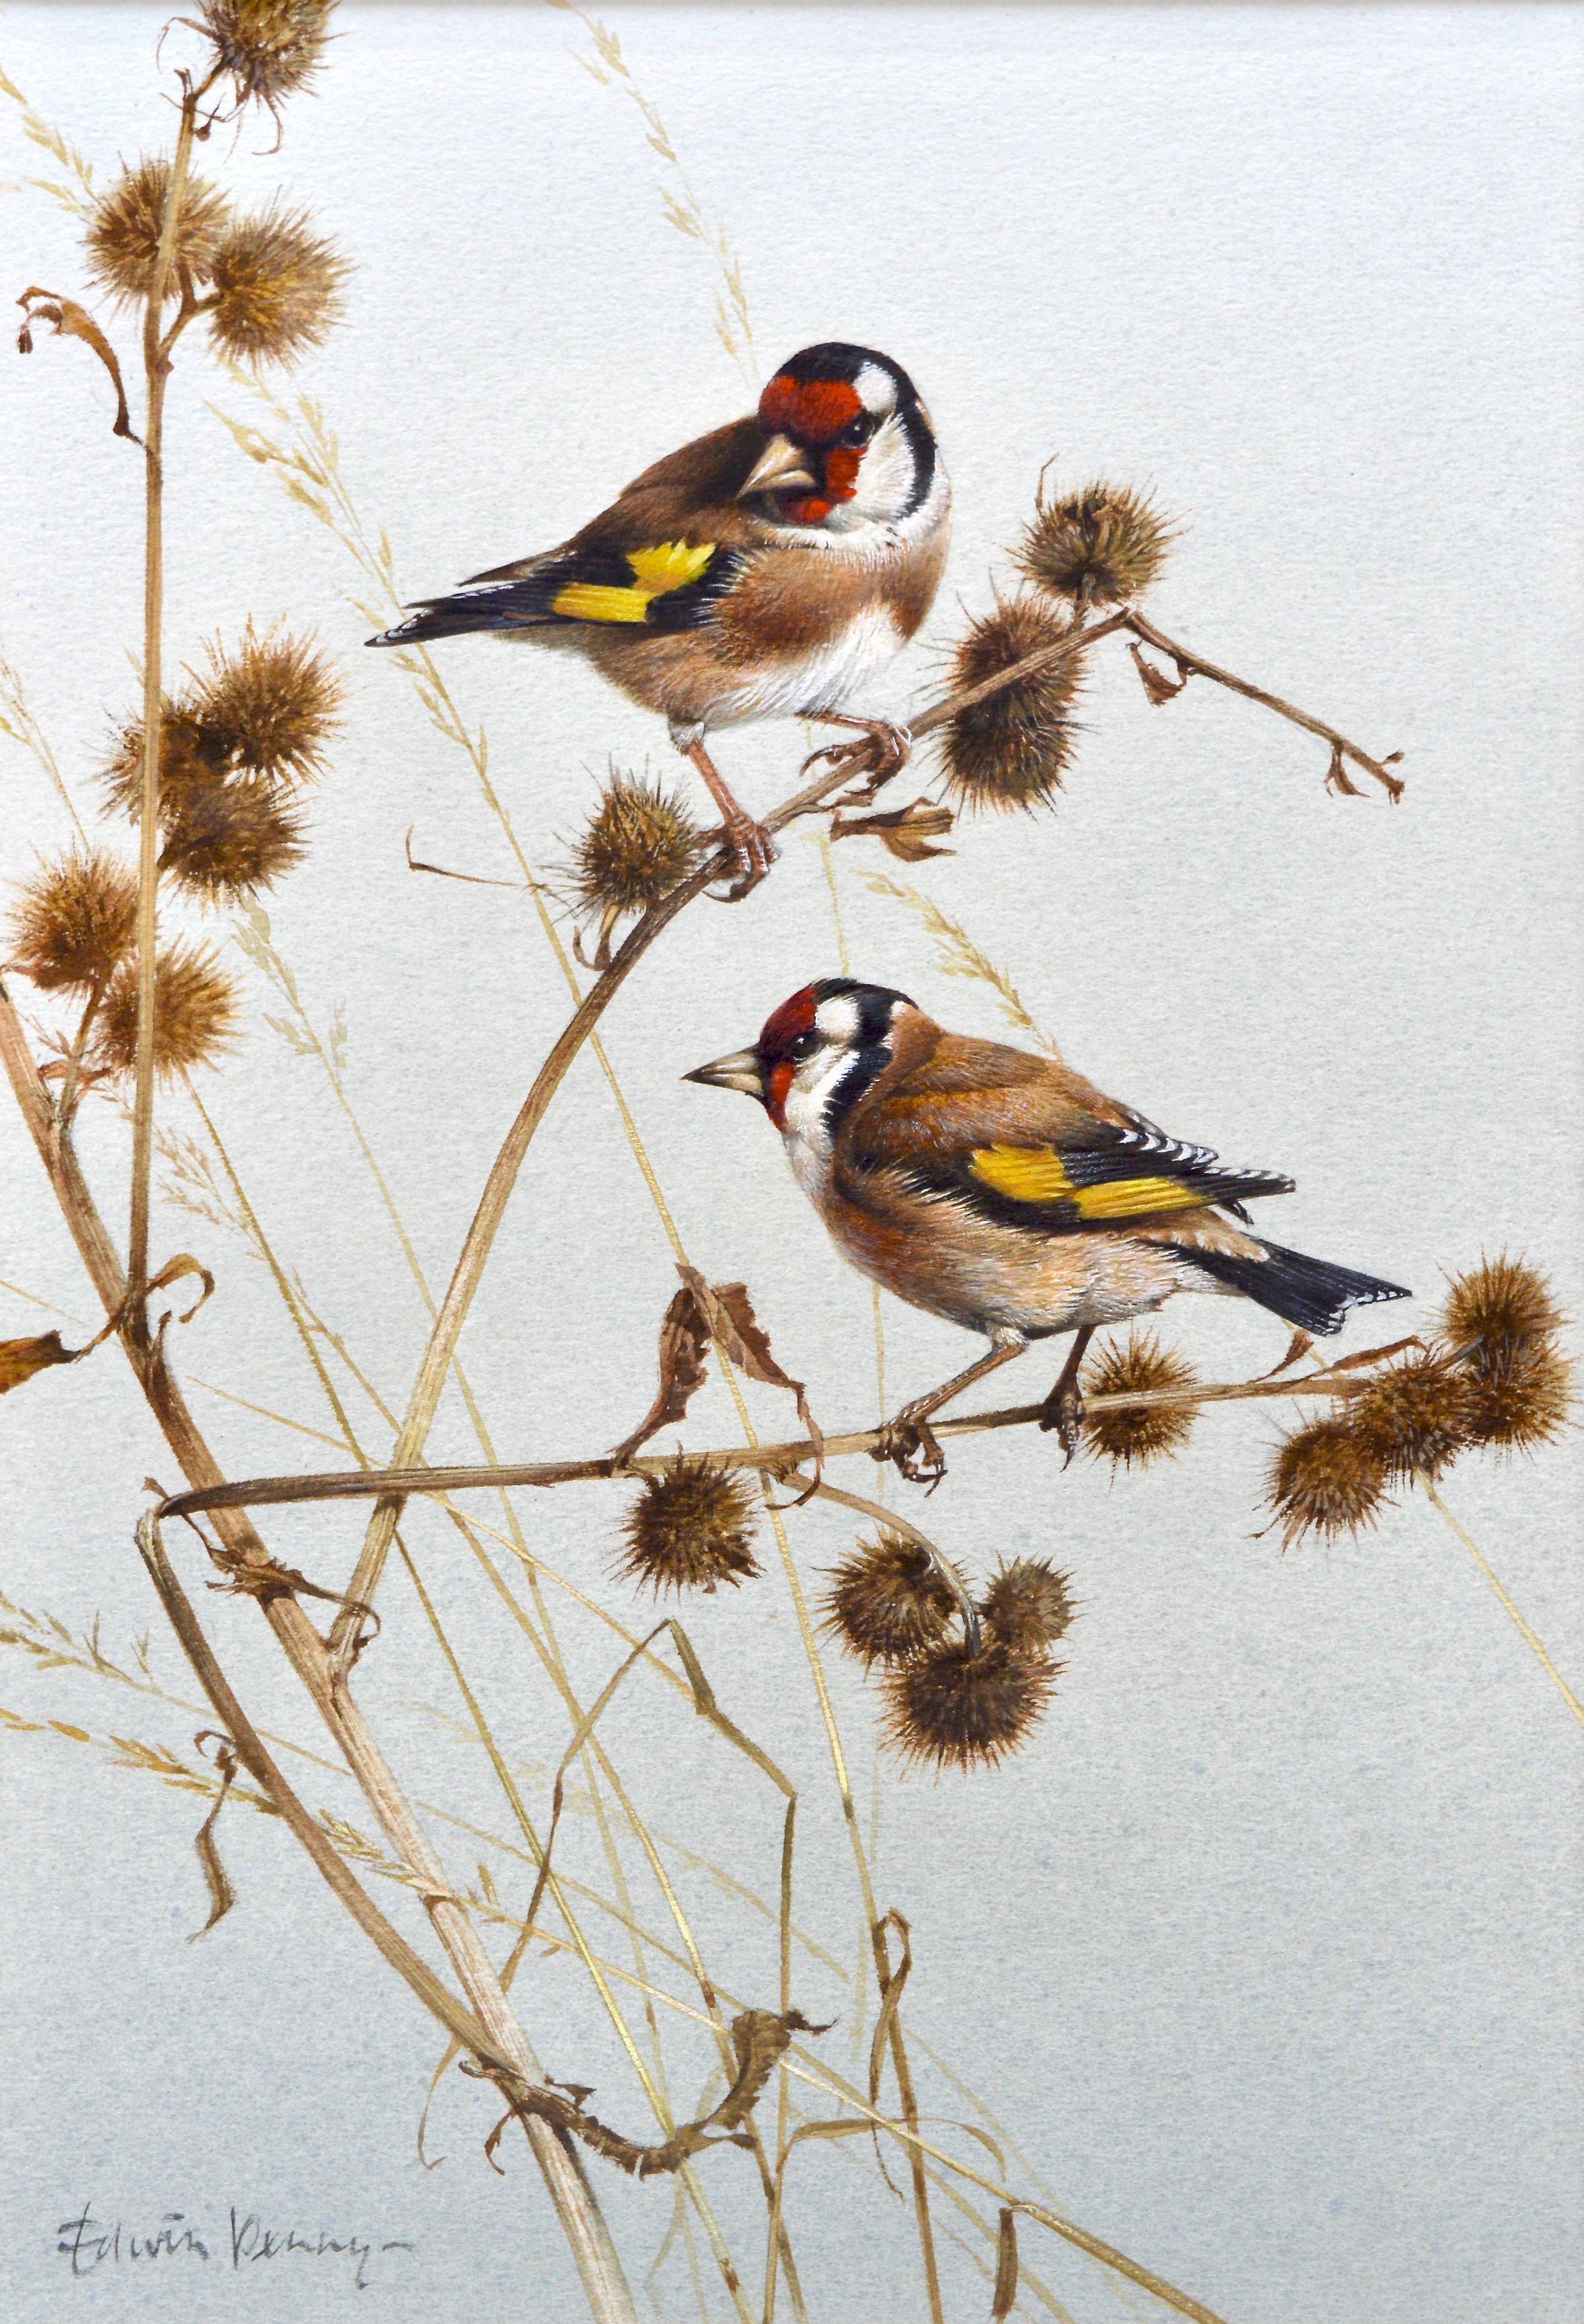 Edwin Penny Painting - Carnes Fine Art